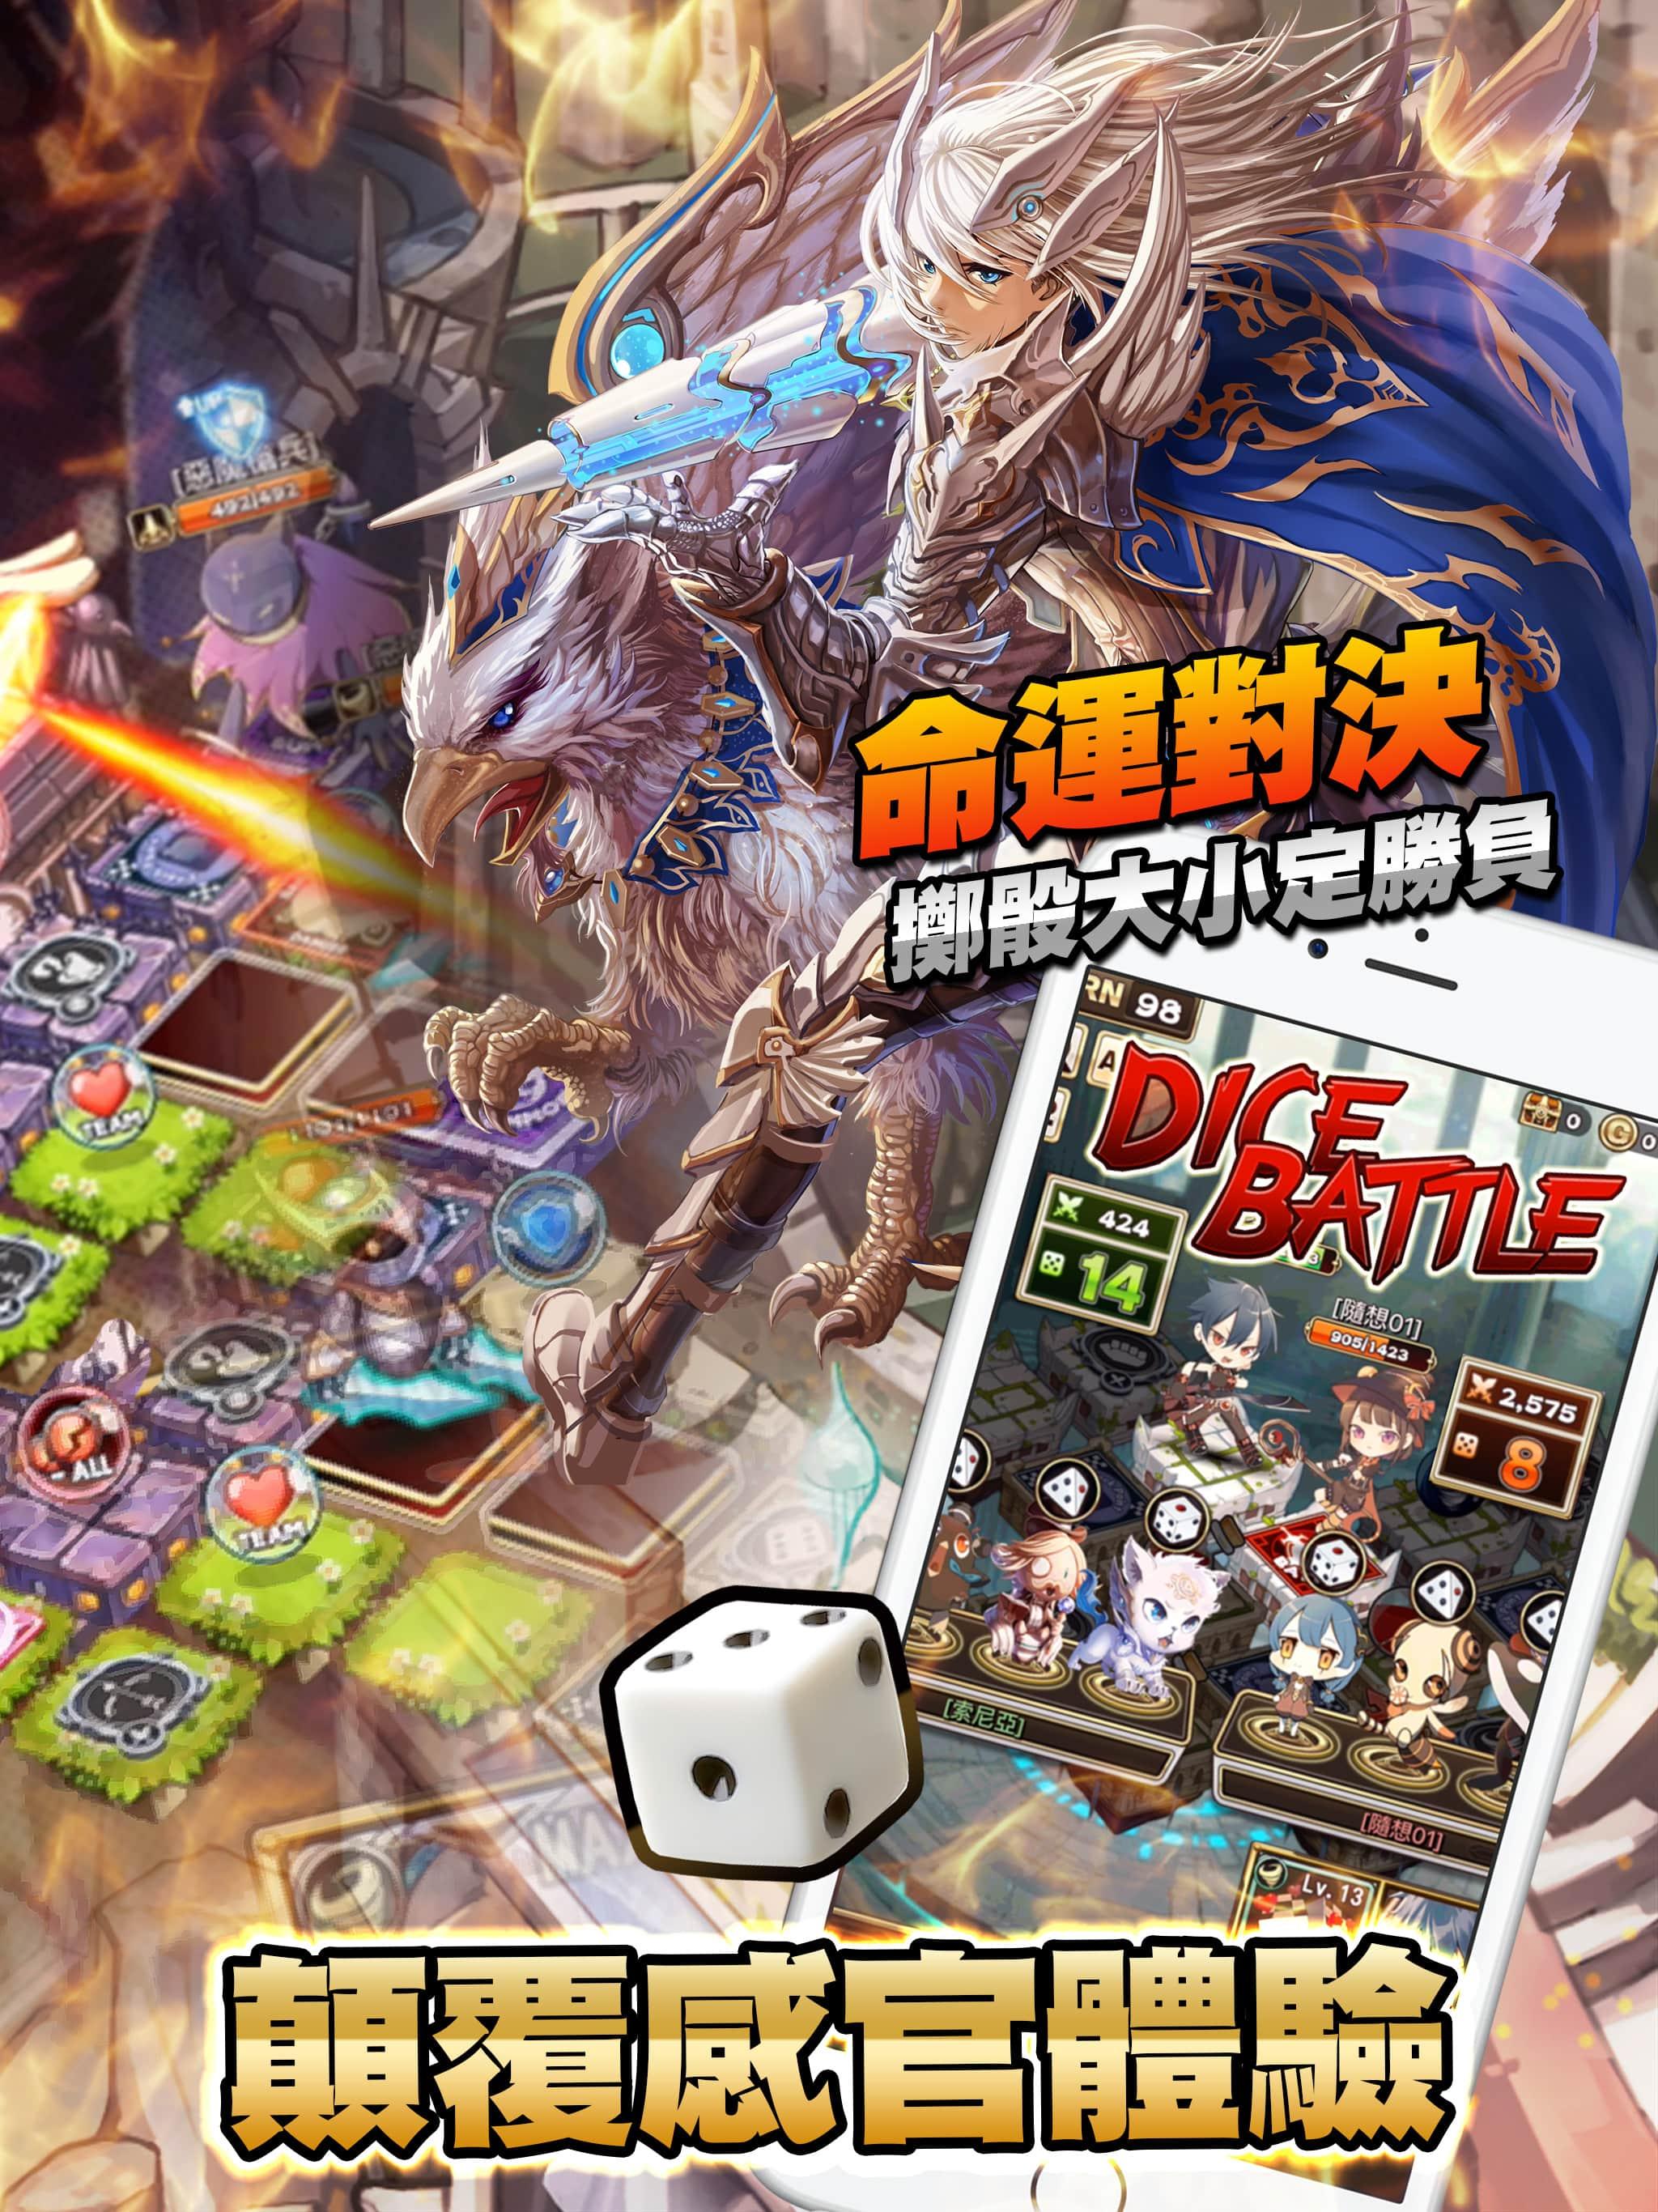 《圖一:顛覆感官 Dice Battle對決!》